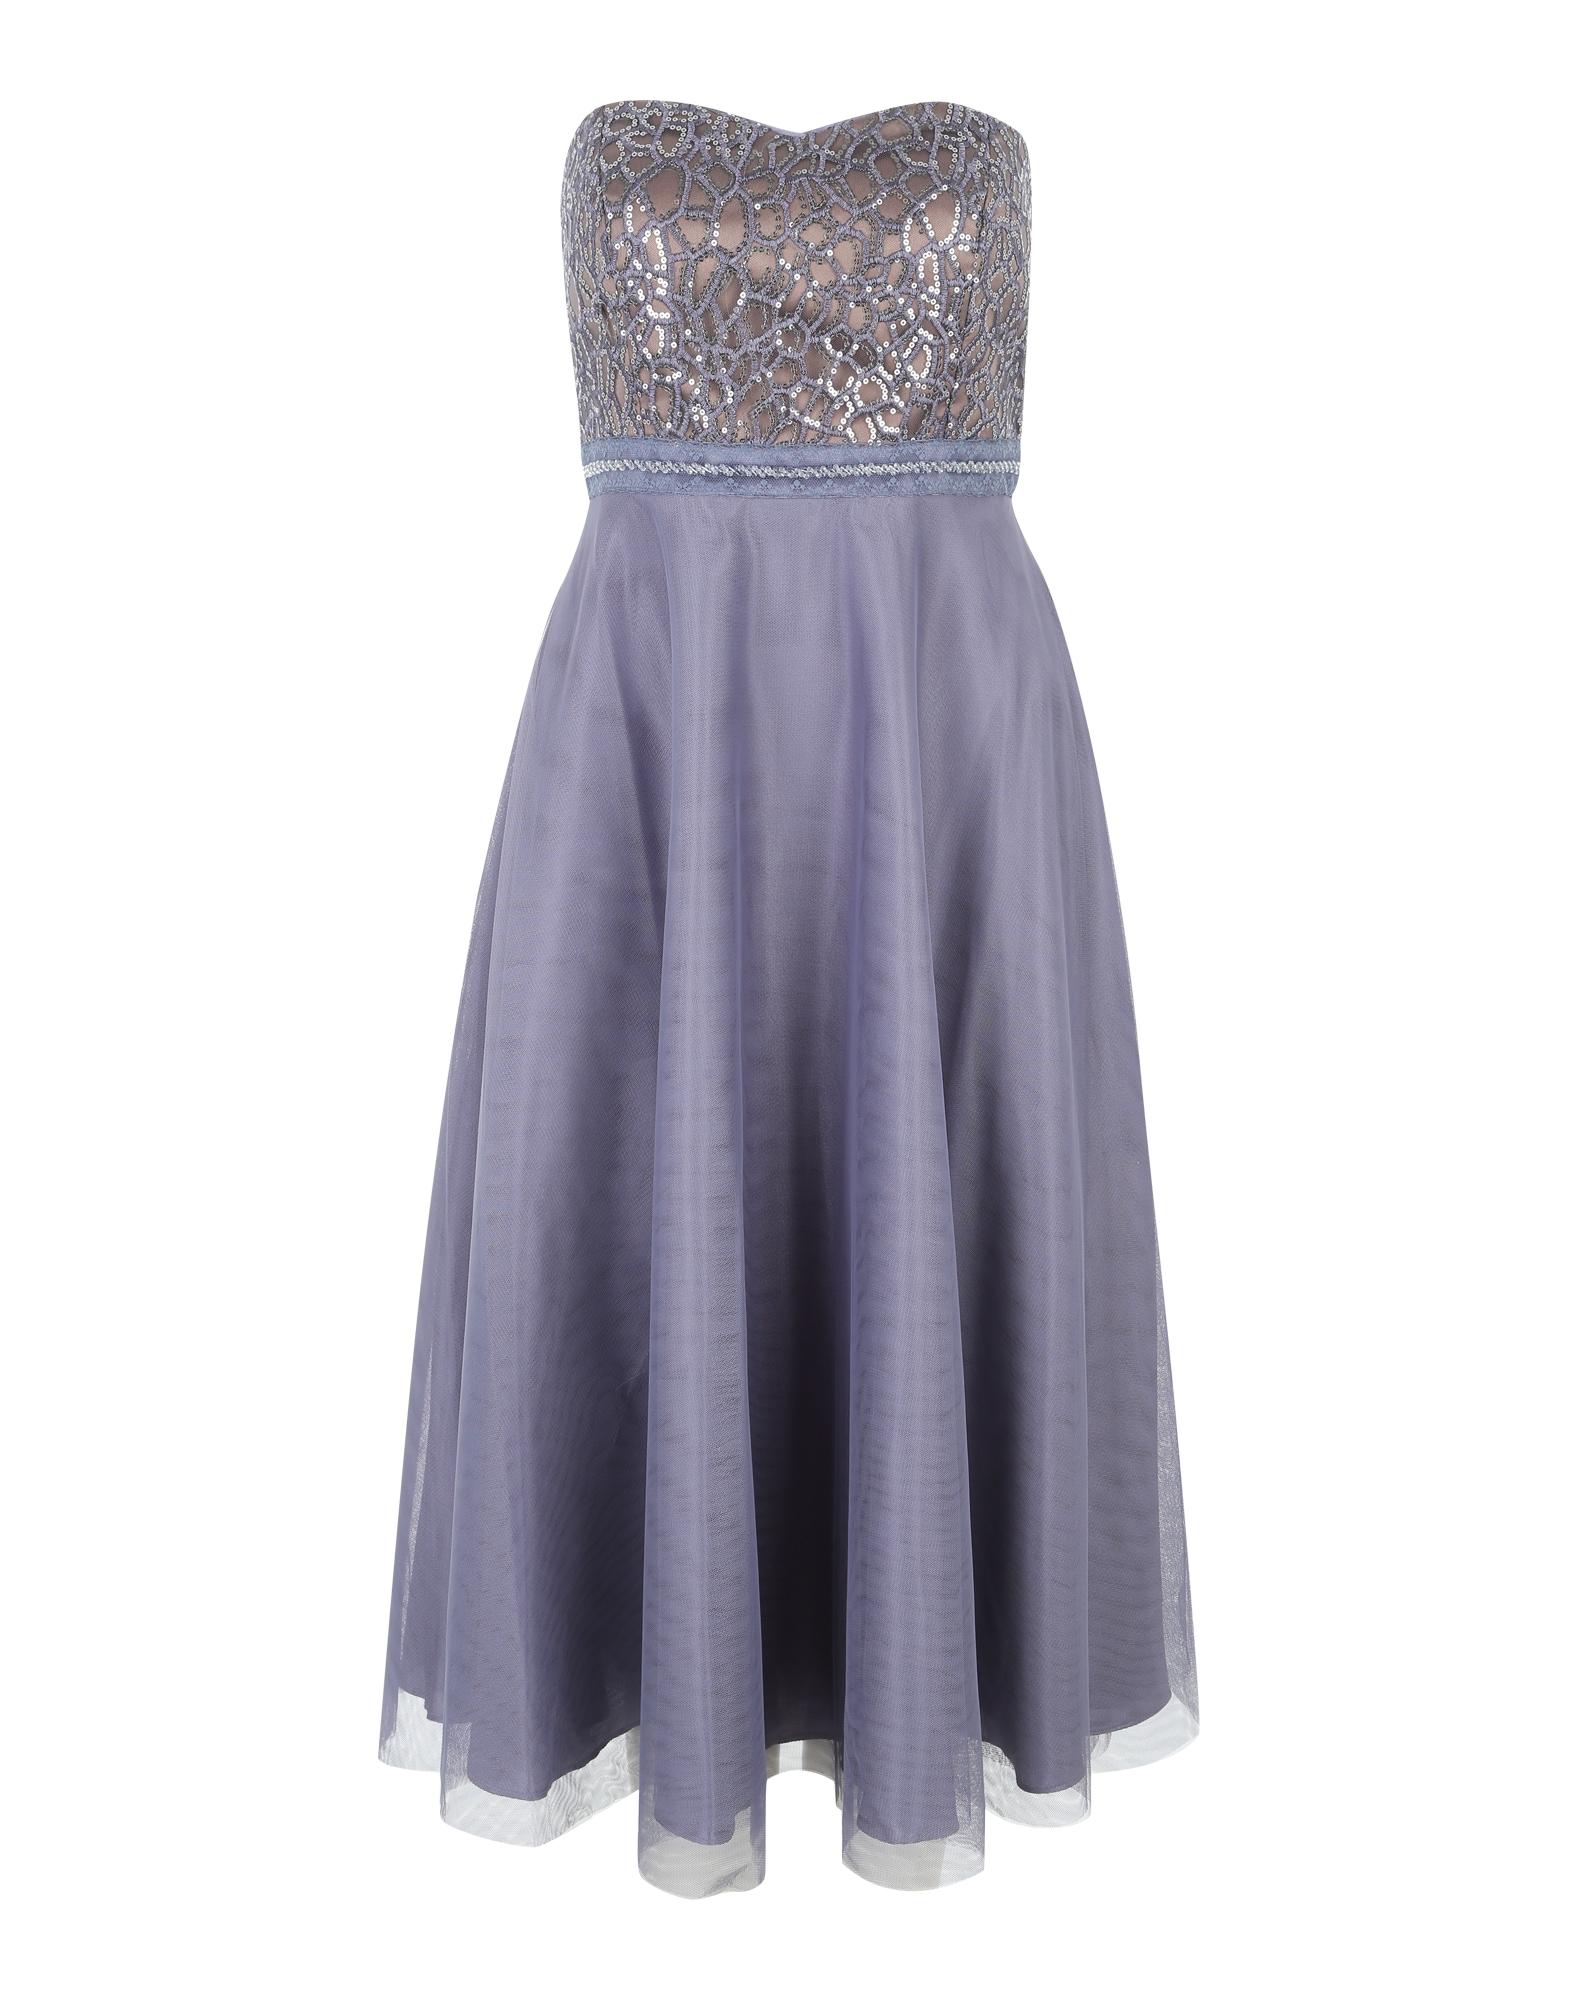 VERA MONT Abendkleider für elegante Anlässe - ModeExpertise